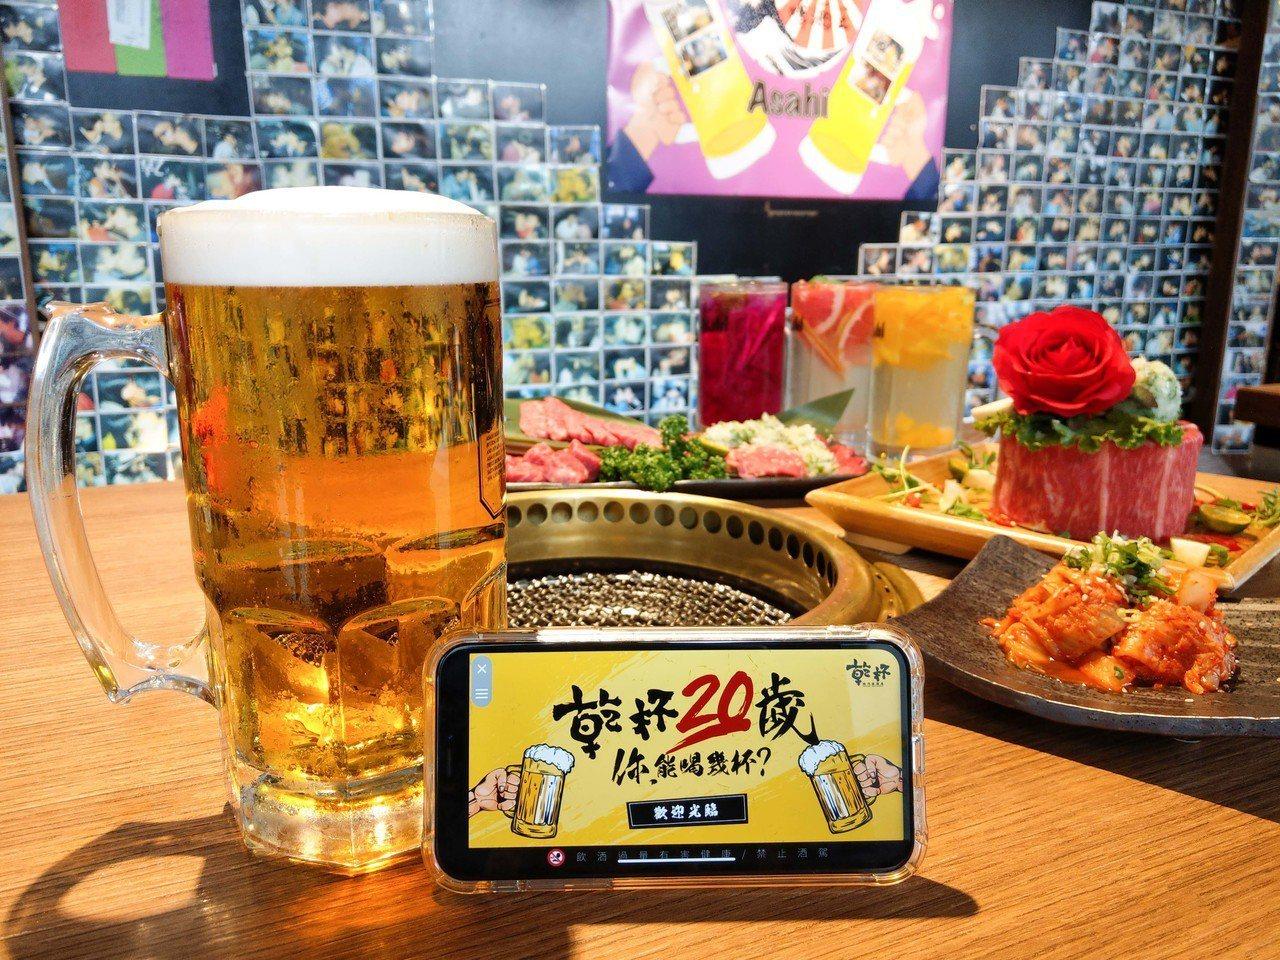 男性顧客可透過手機遊戲,將啤酒升級成為1000ml的巨無霸啤酒。圖/乾杯提供